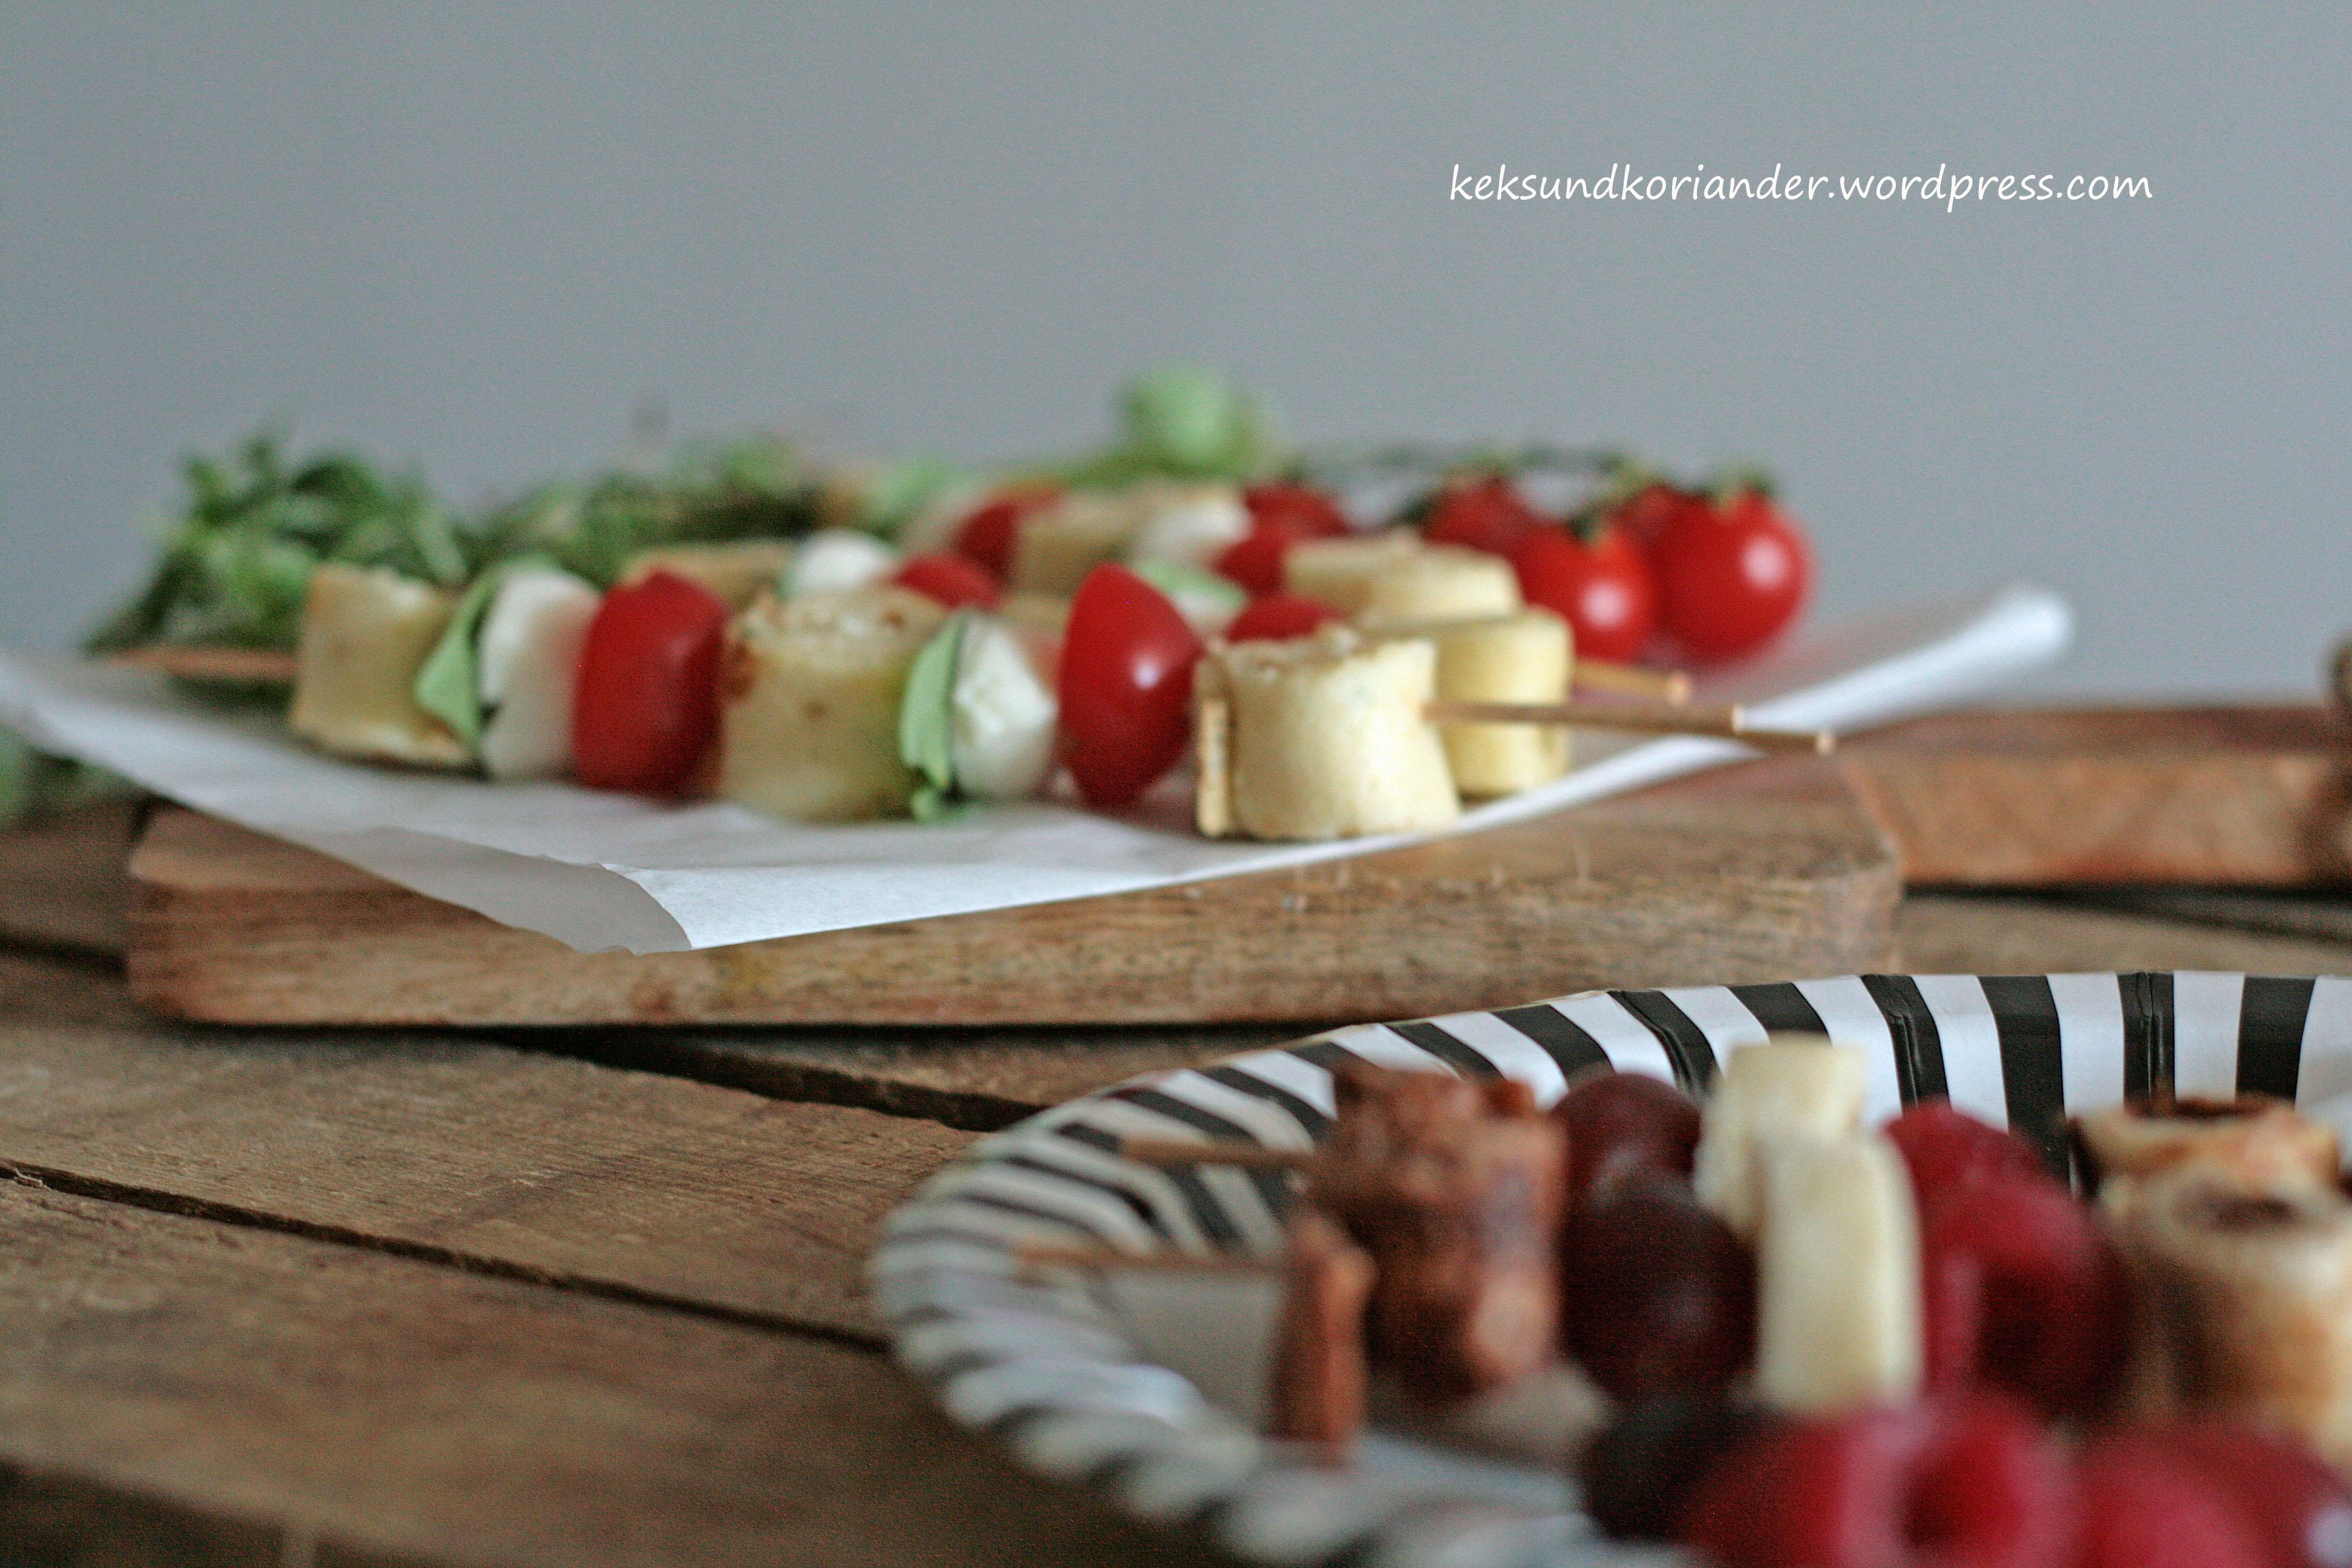 tomaten-mozzarella-Spieße mit Rosmarinpfannkuchen kakaopfannkuchen zimt obst